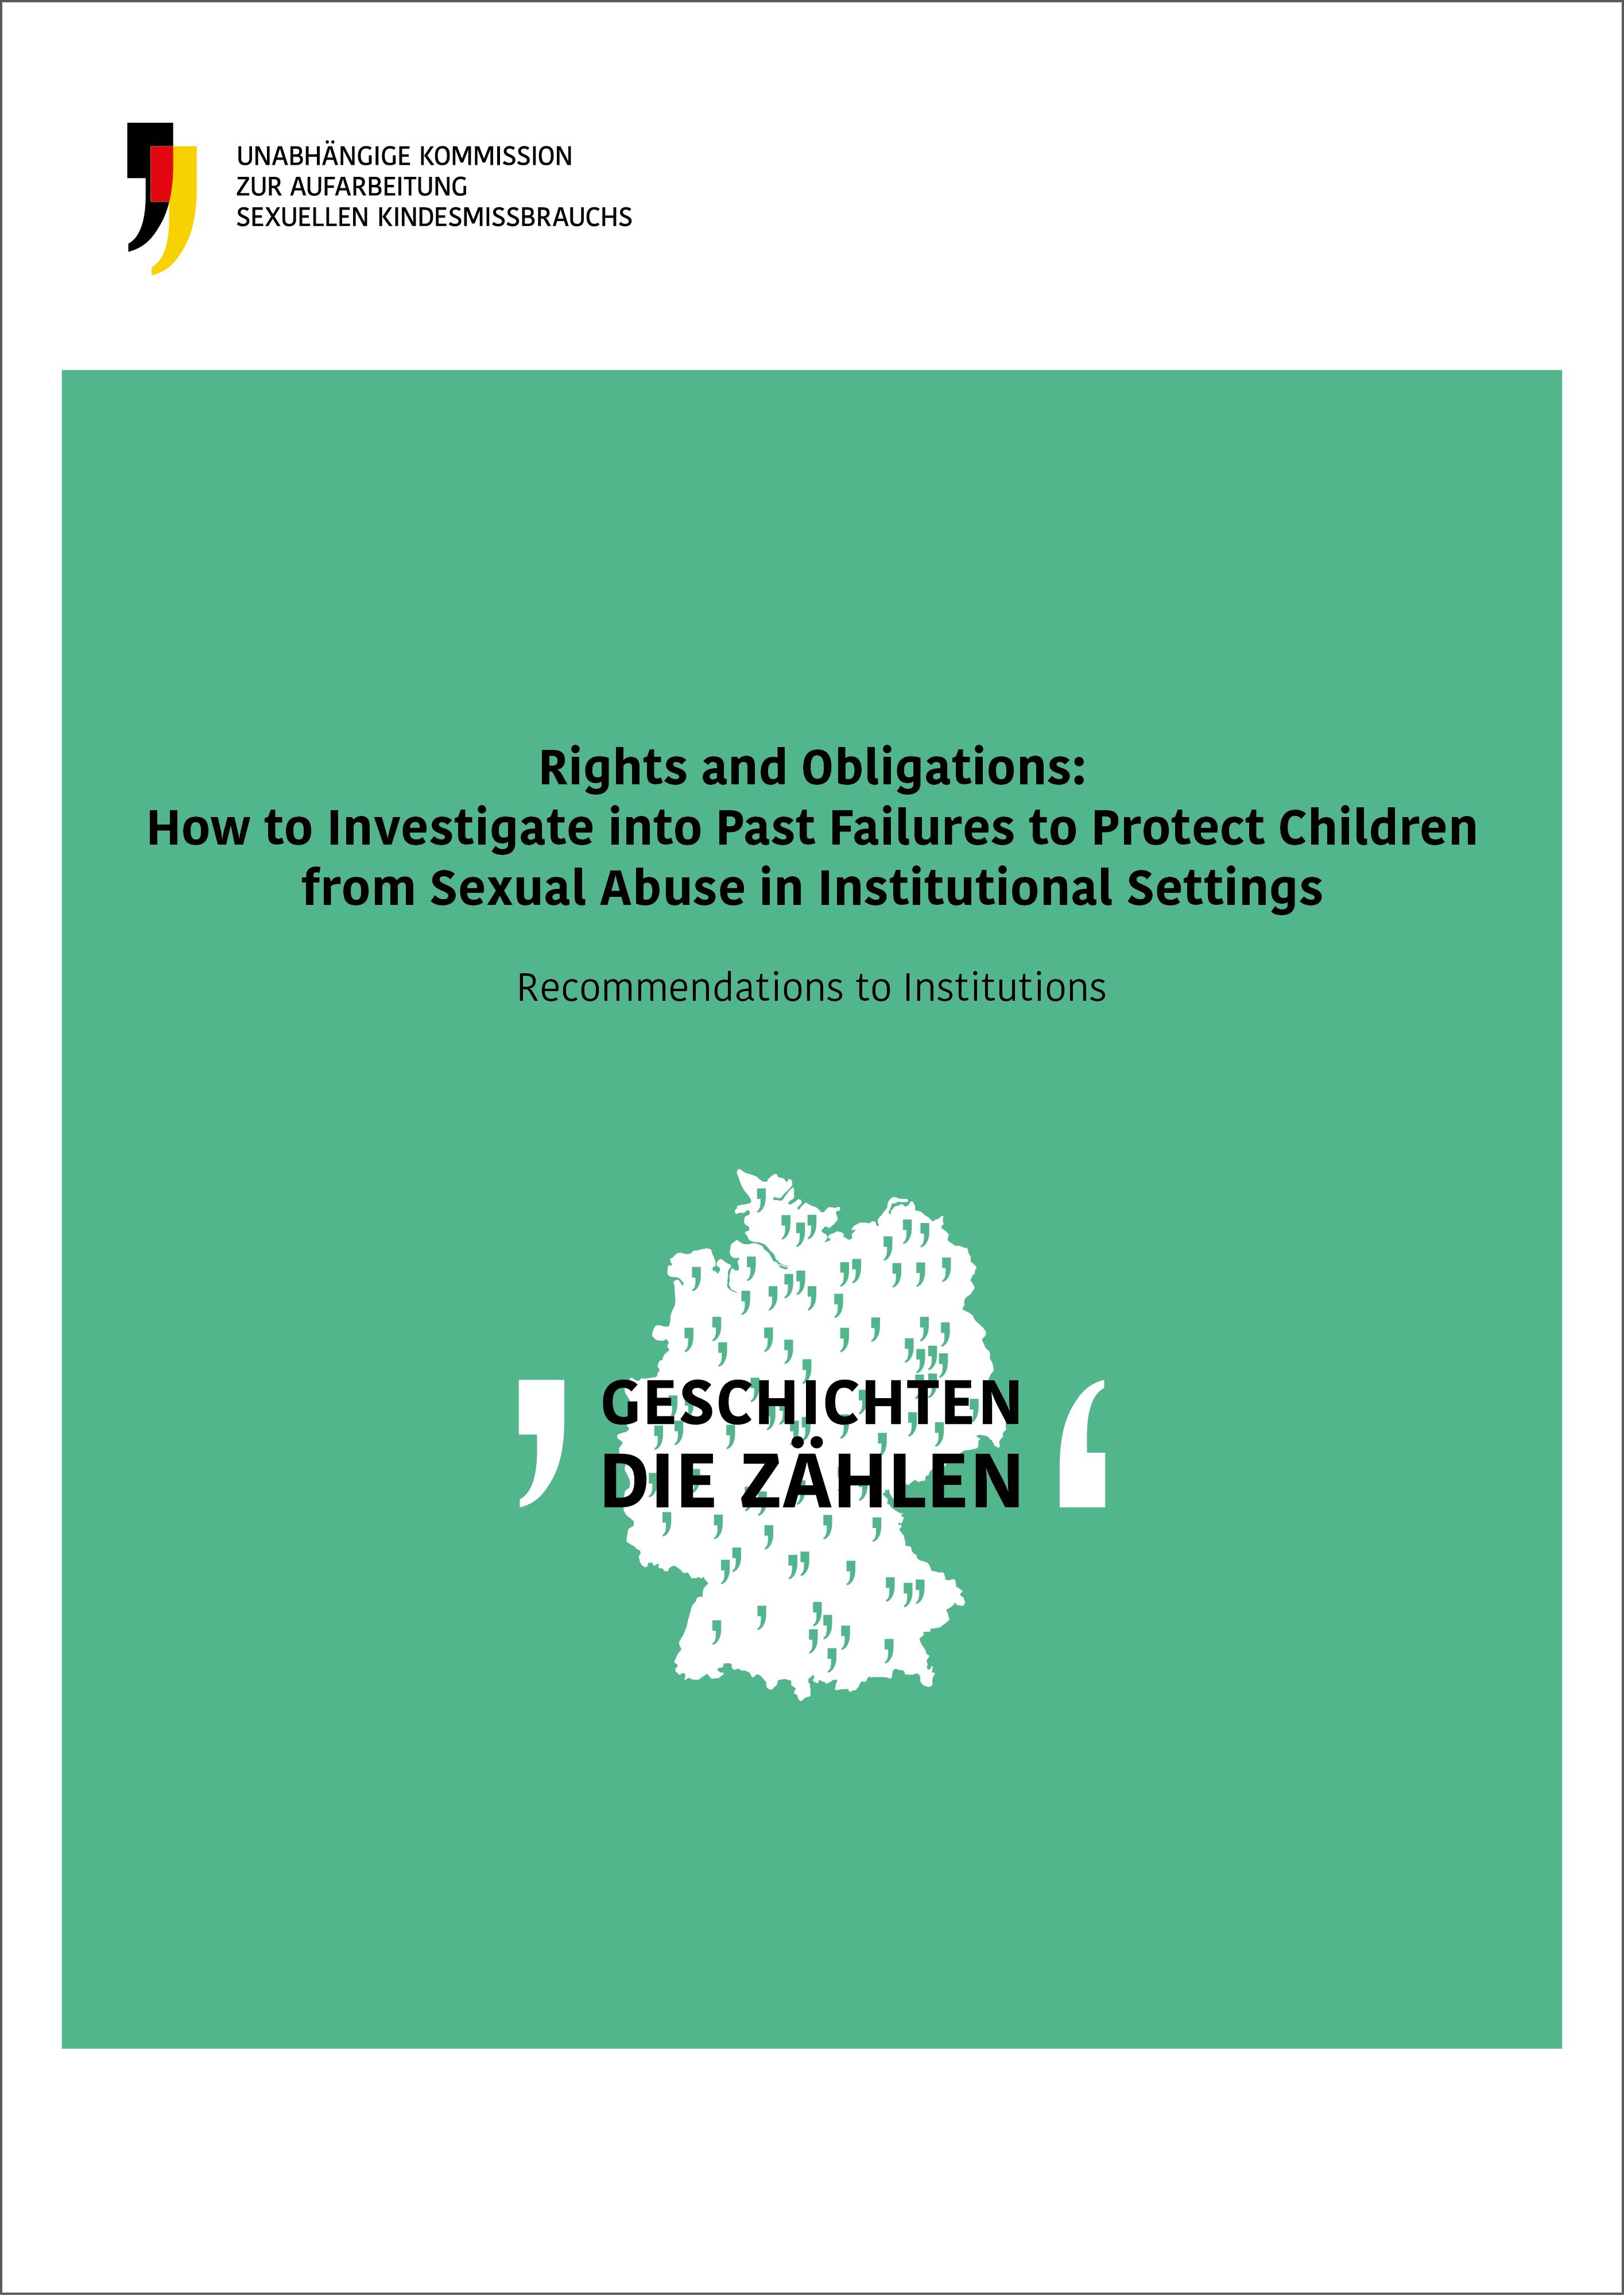 Cover der englischen Ausgabe der Empfehlungen zur Aufarbeitung in Institutionen